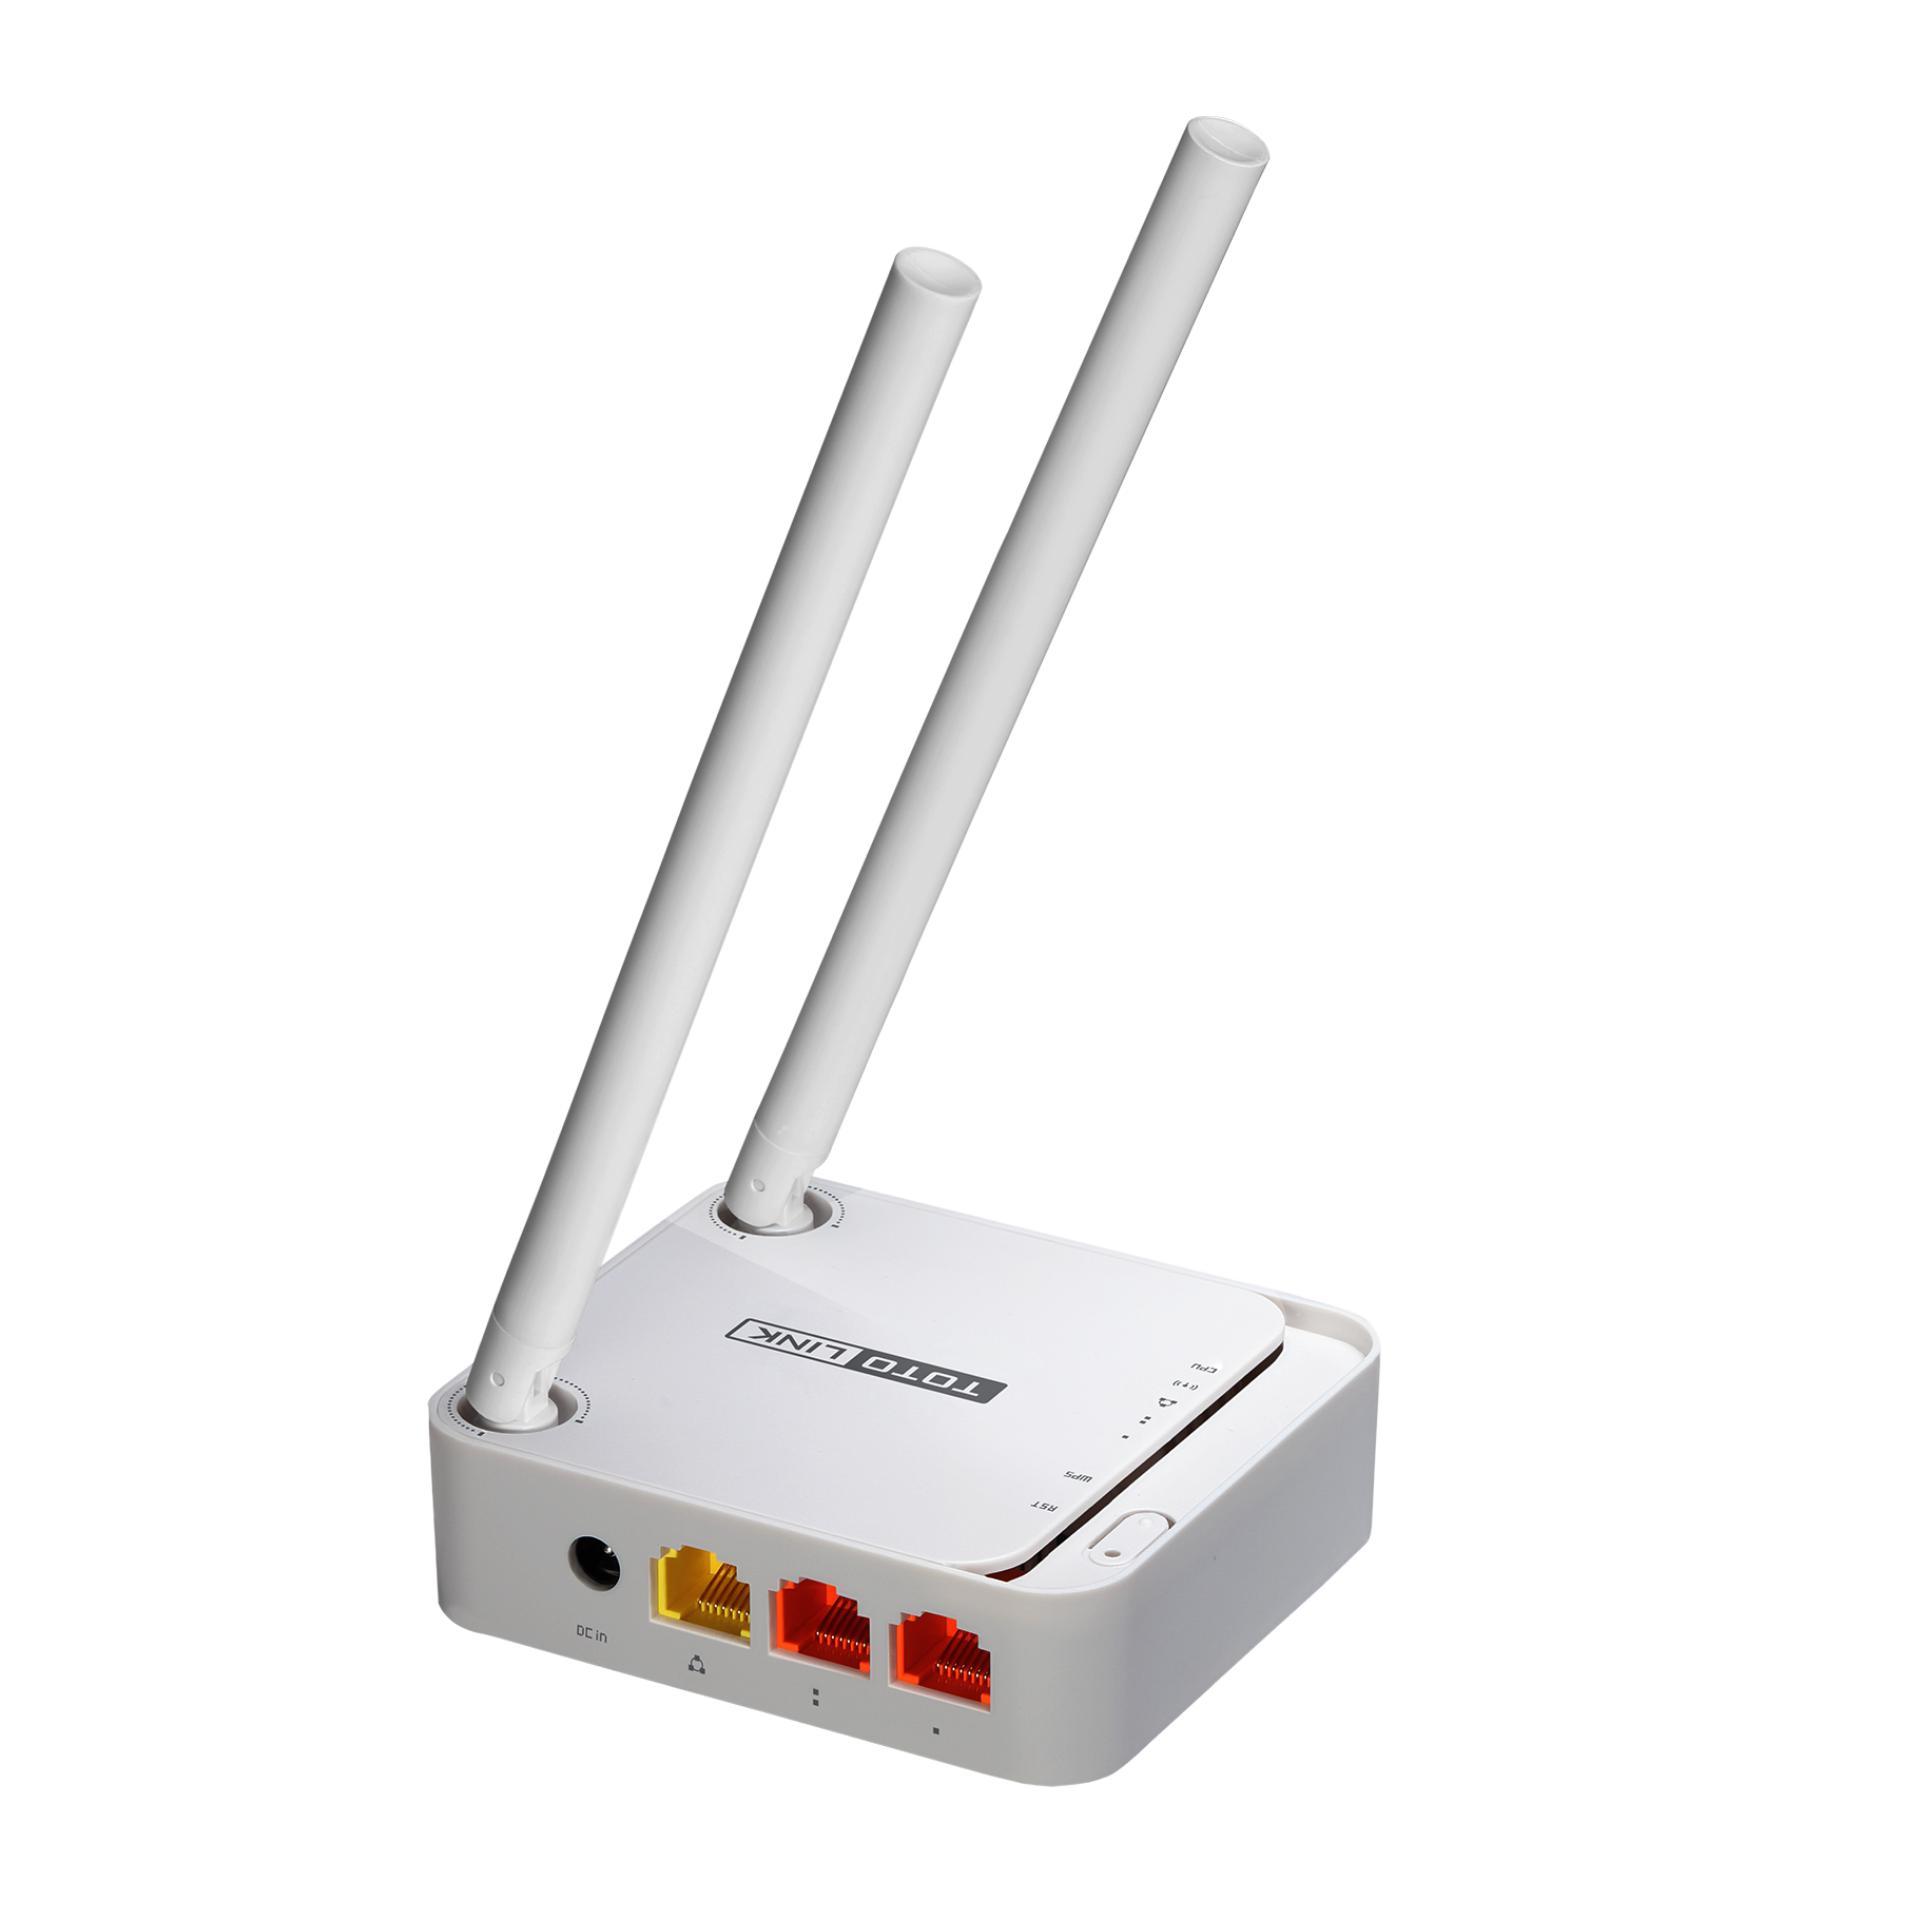 Bán Bộ Phat Wifi Totolink N200Re V3 Kich Song Wifi Totolink Ex200 Có Thương Hiệu Rẻ